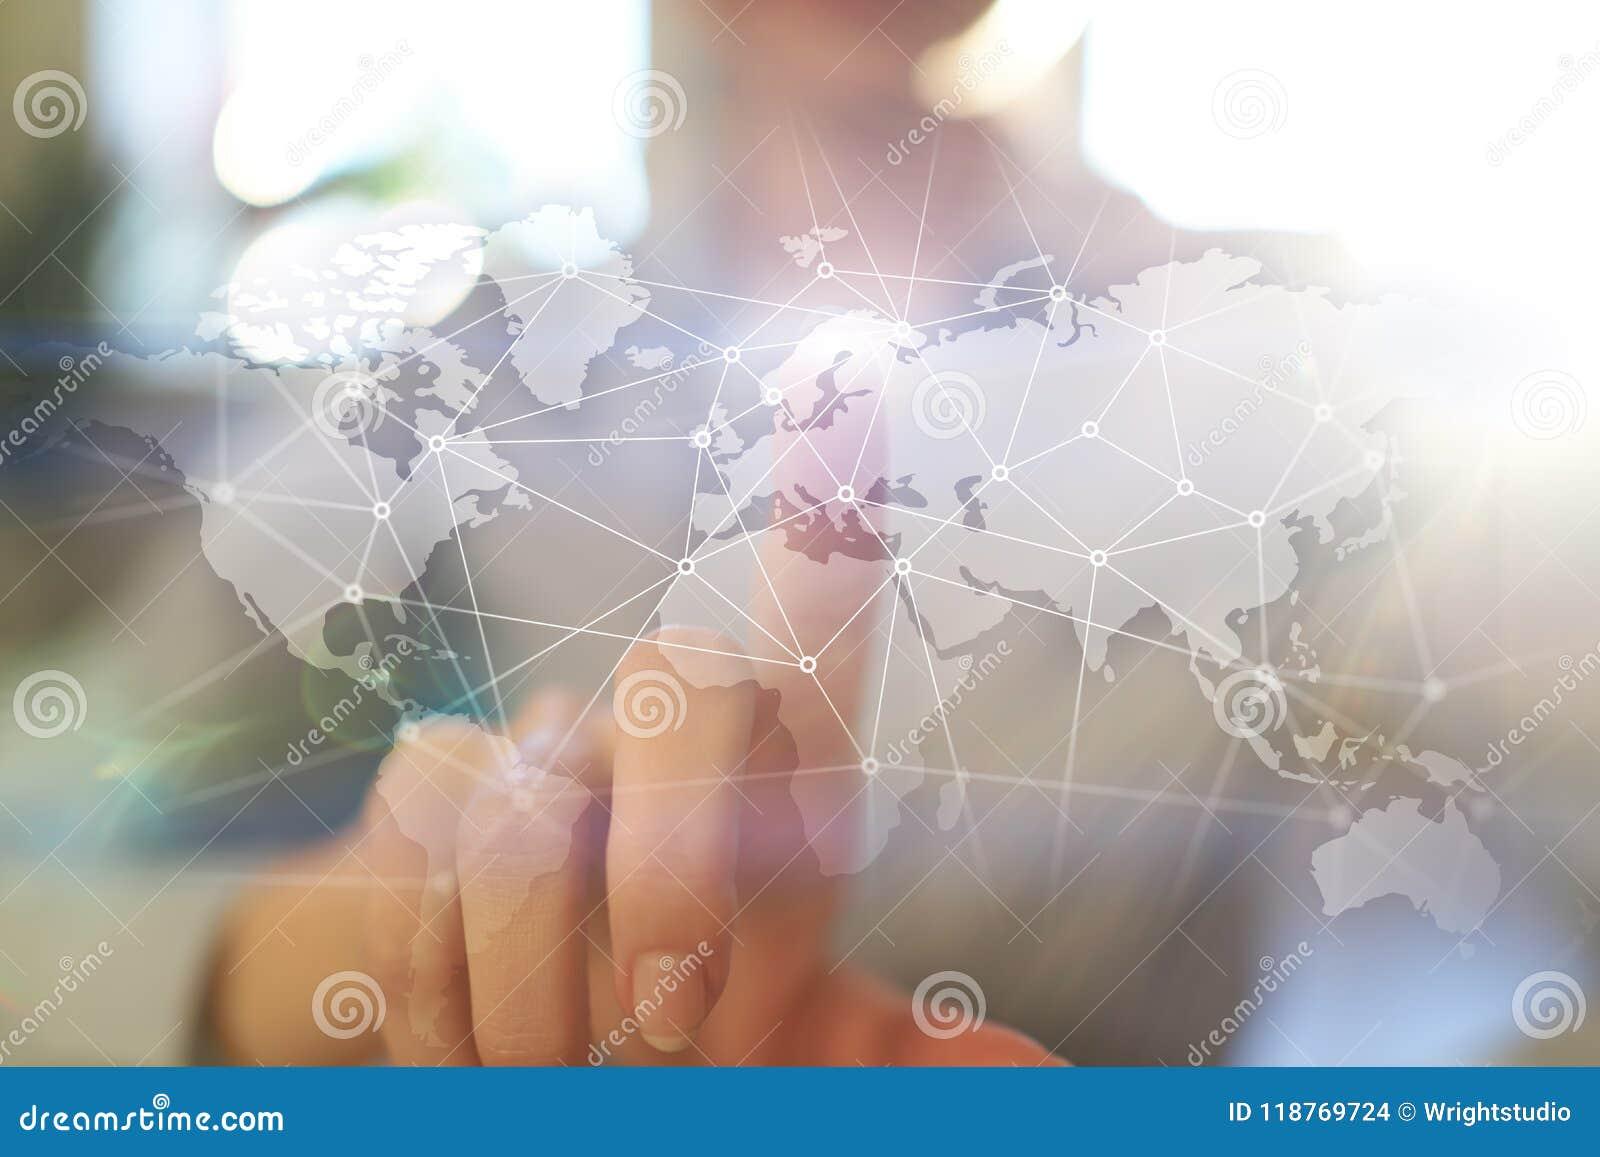 Red mundial en la pantalla virtual Mapa del mundo e iconos Concepto del Internet Medios sociales y comunicación global